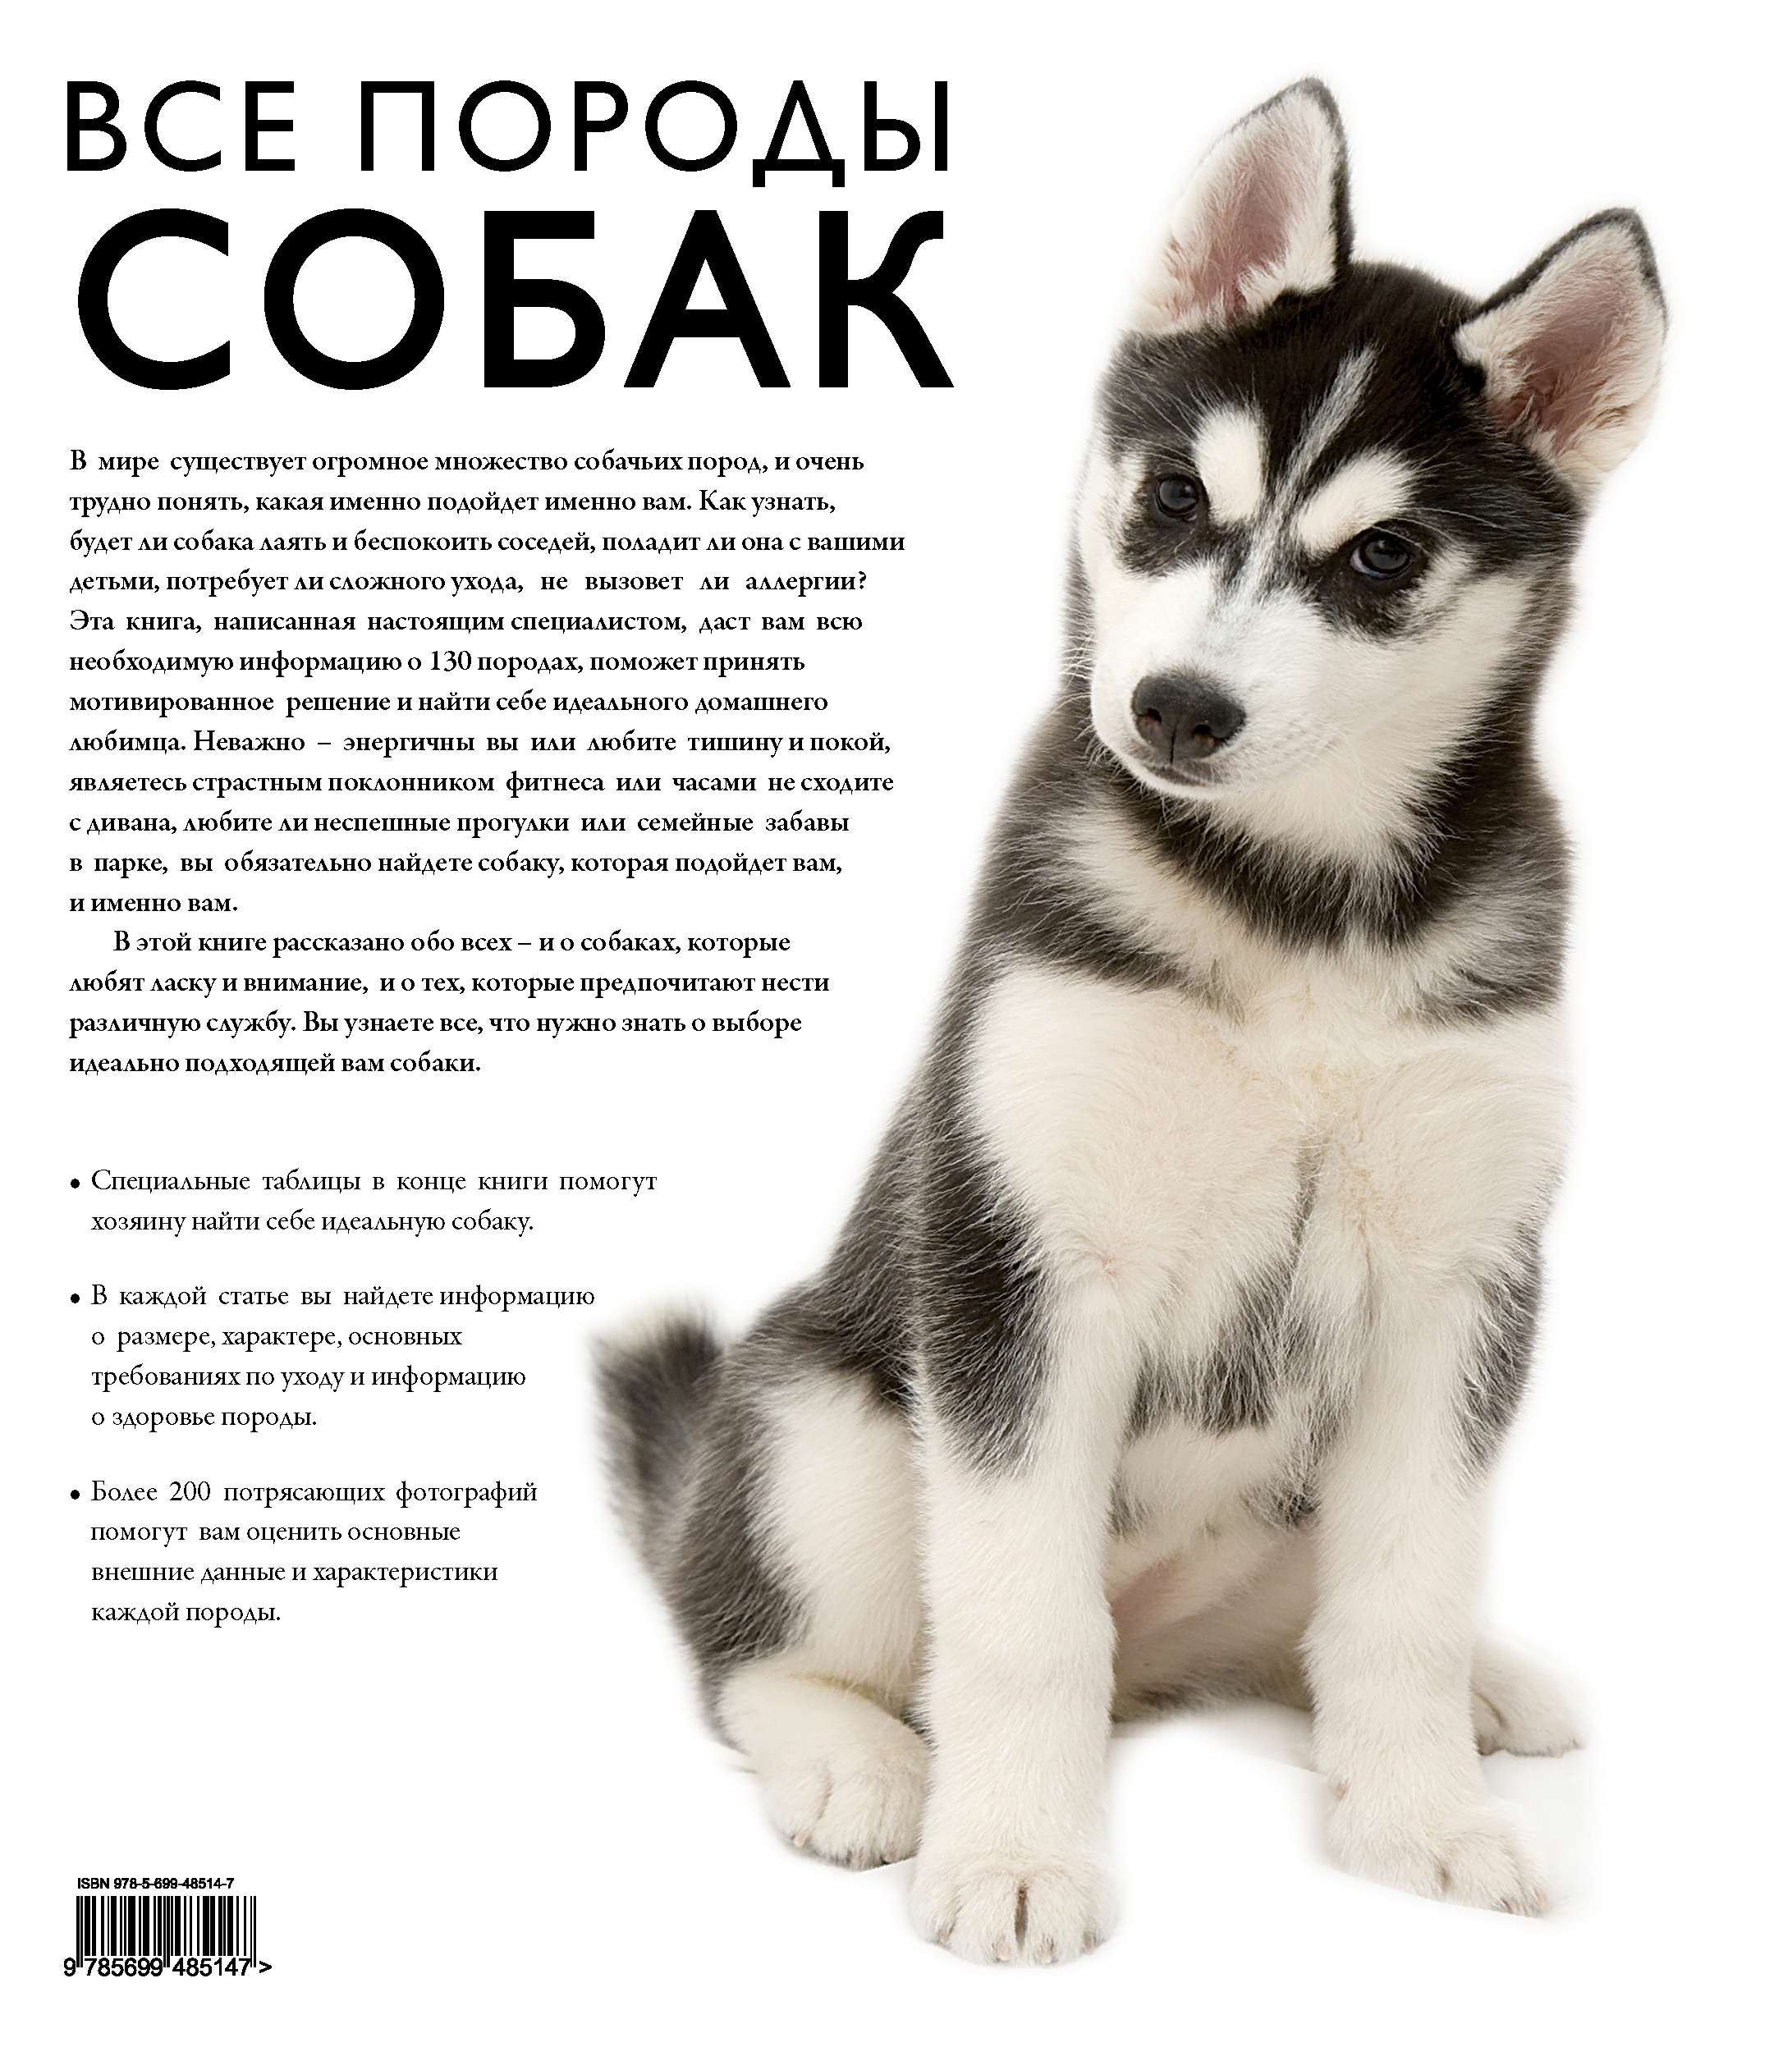 Картинки собак с описанием